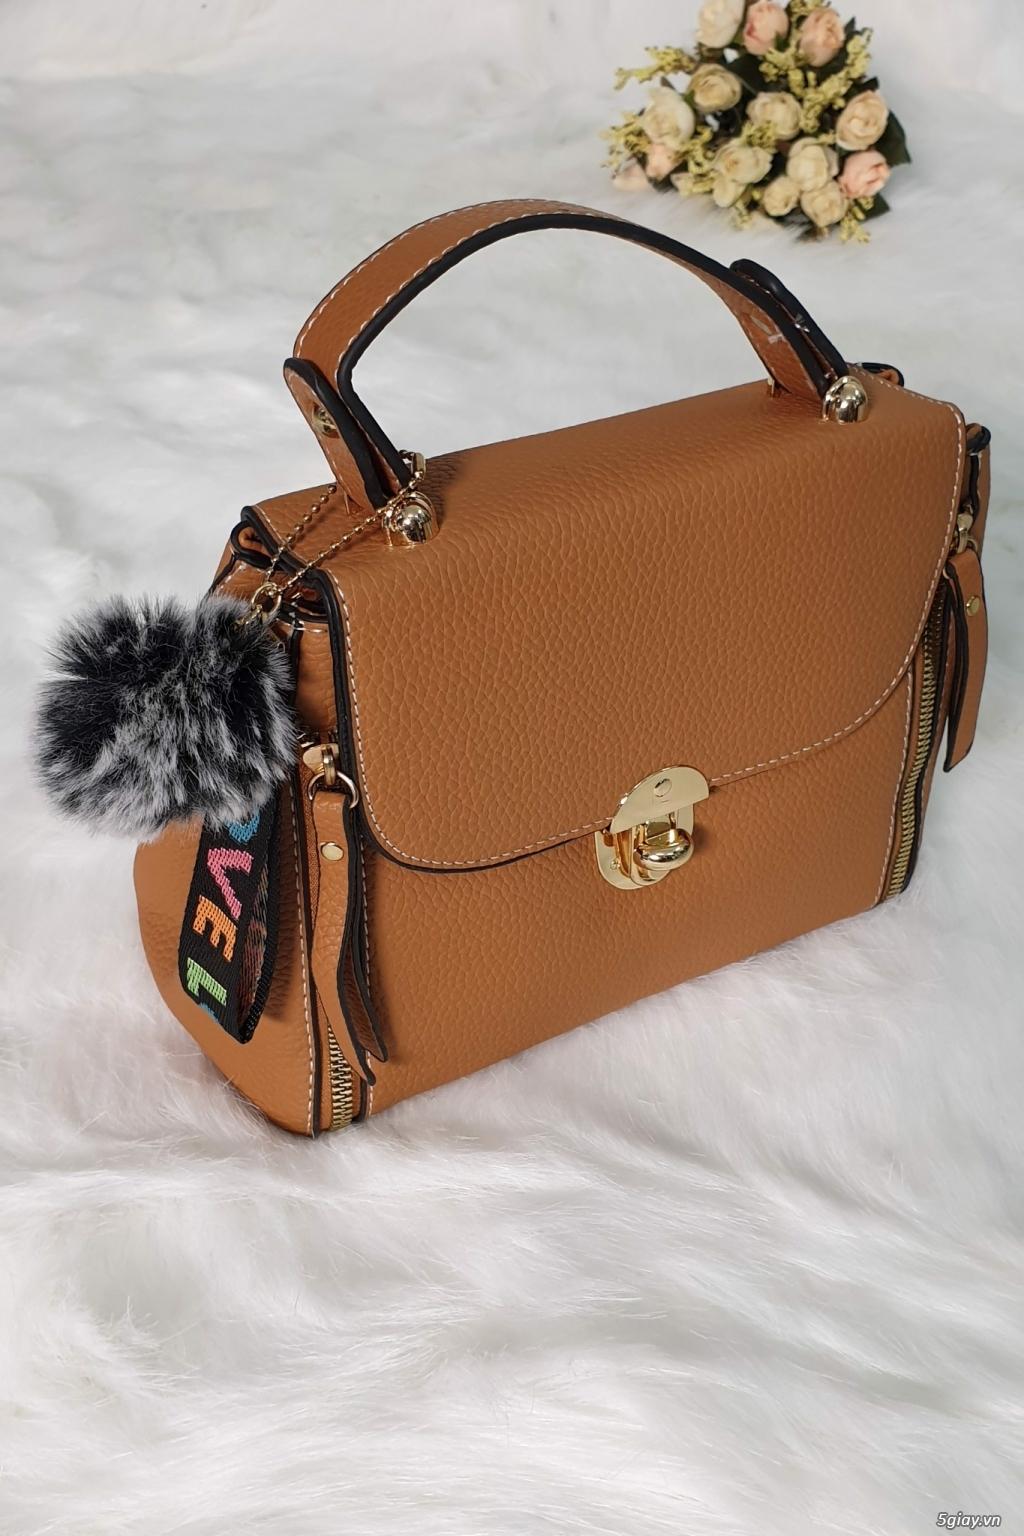 Wal House Fashion - Bóp ví túi xách thời trang - Giá ưu đãi - 17